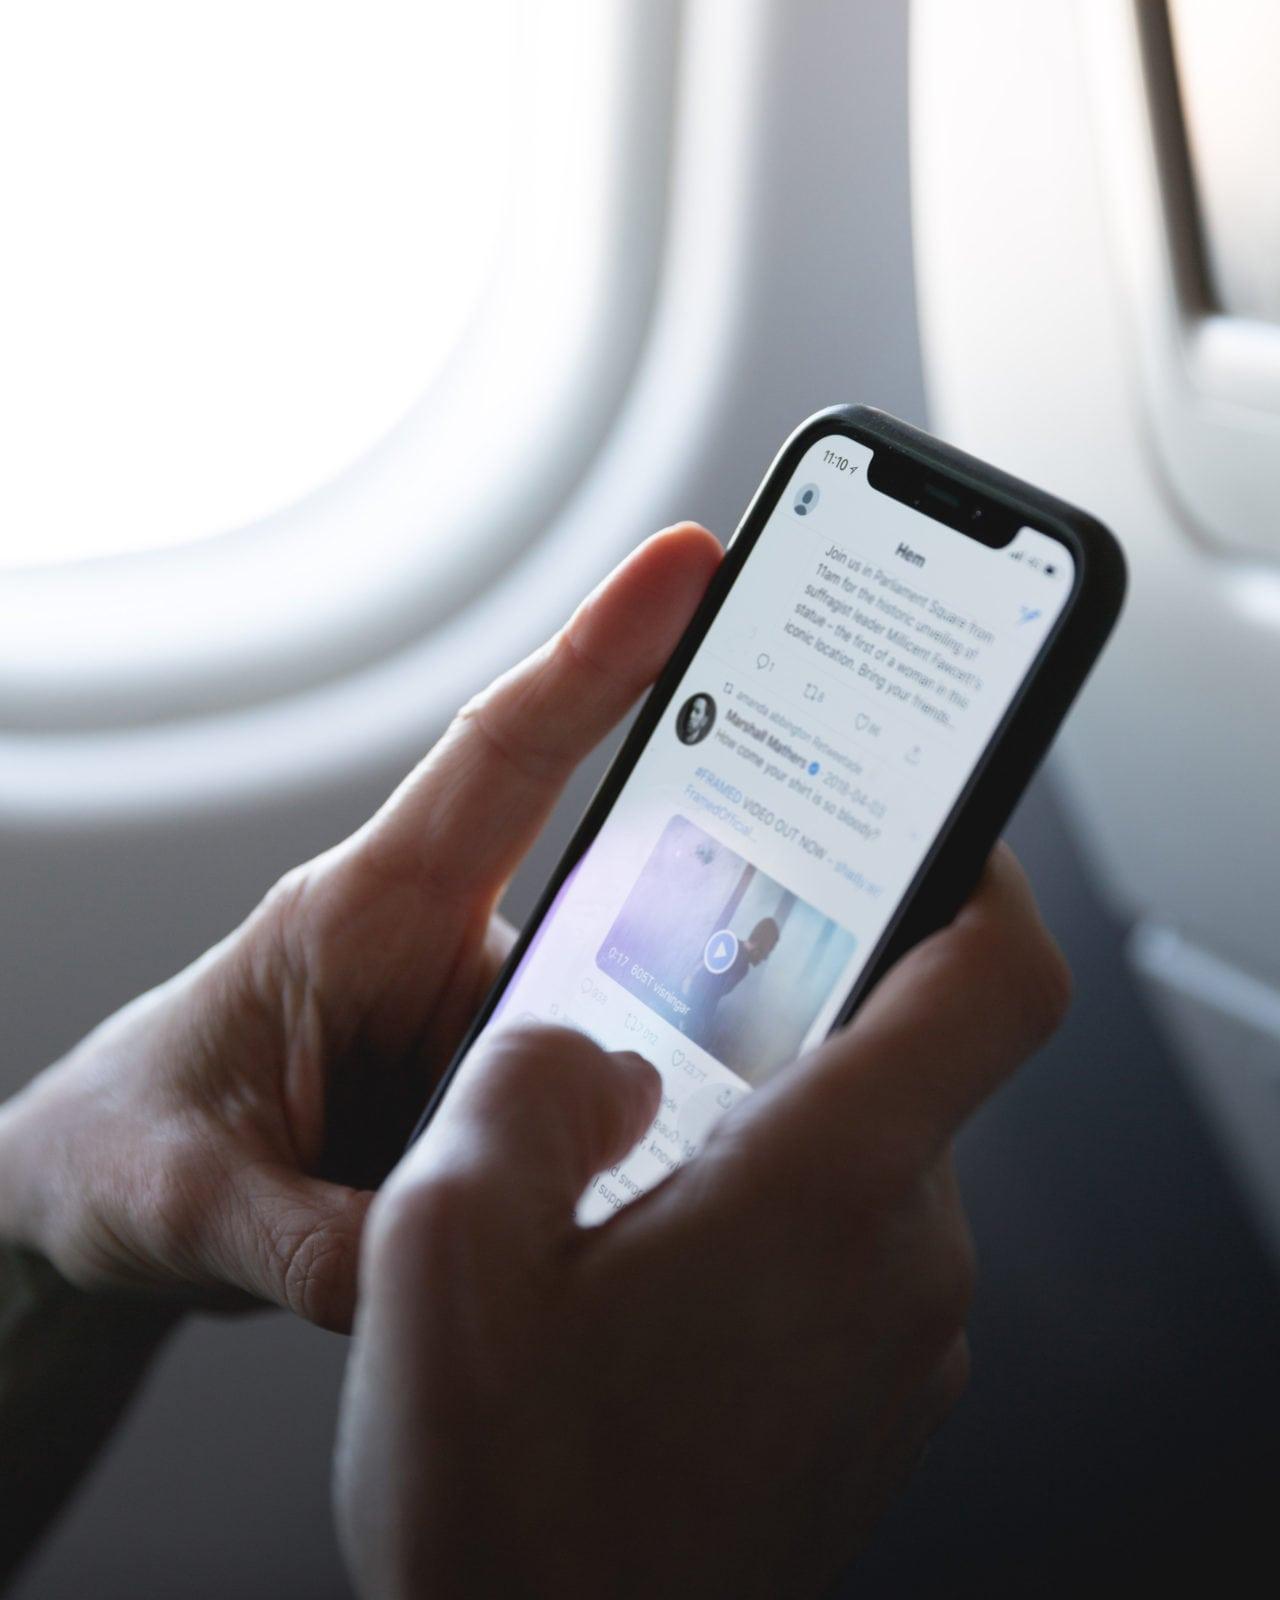 Twitter on plane social media